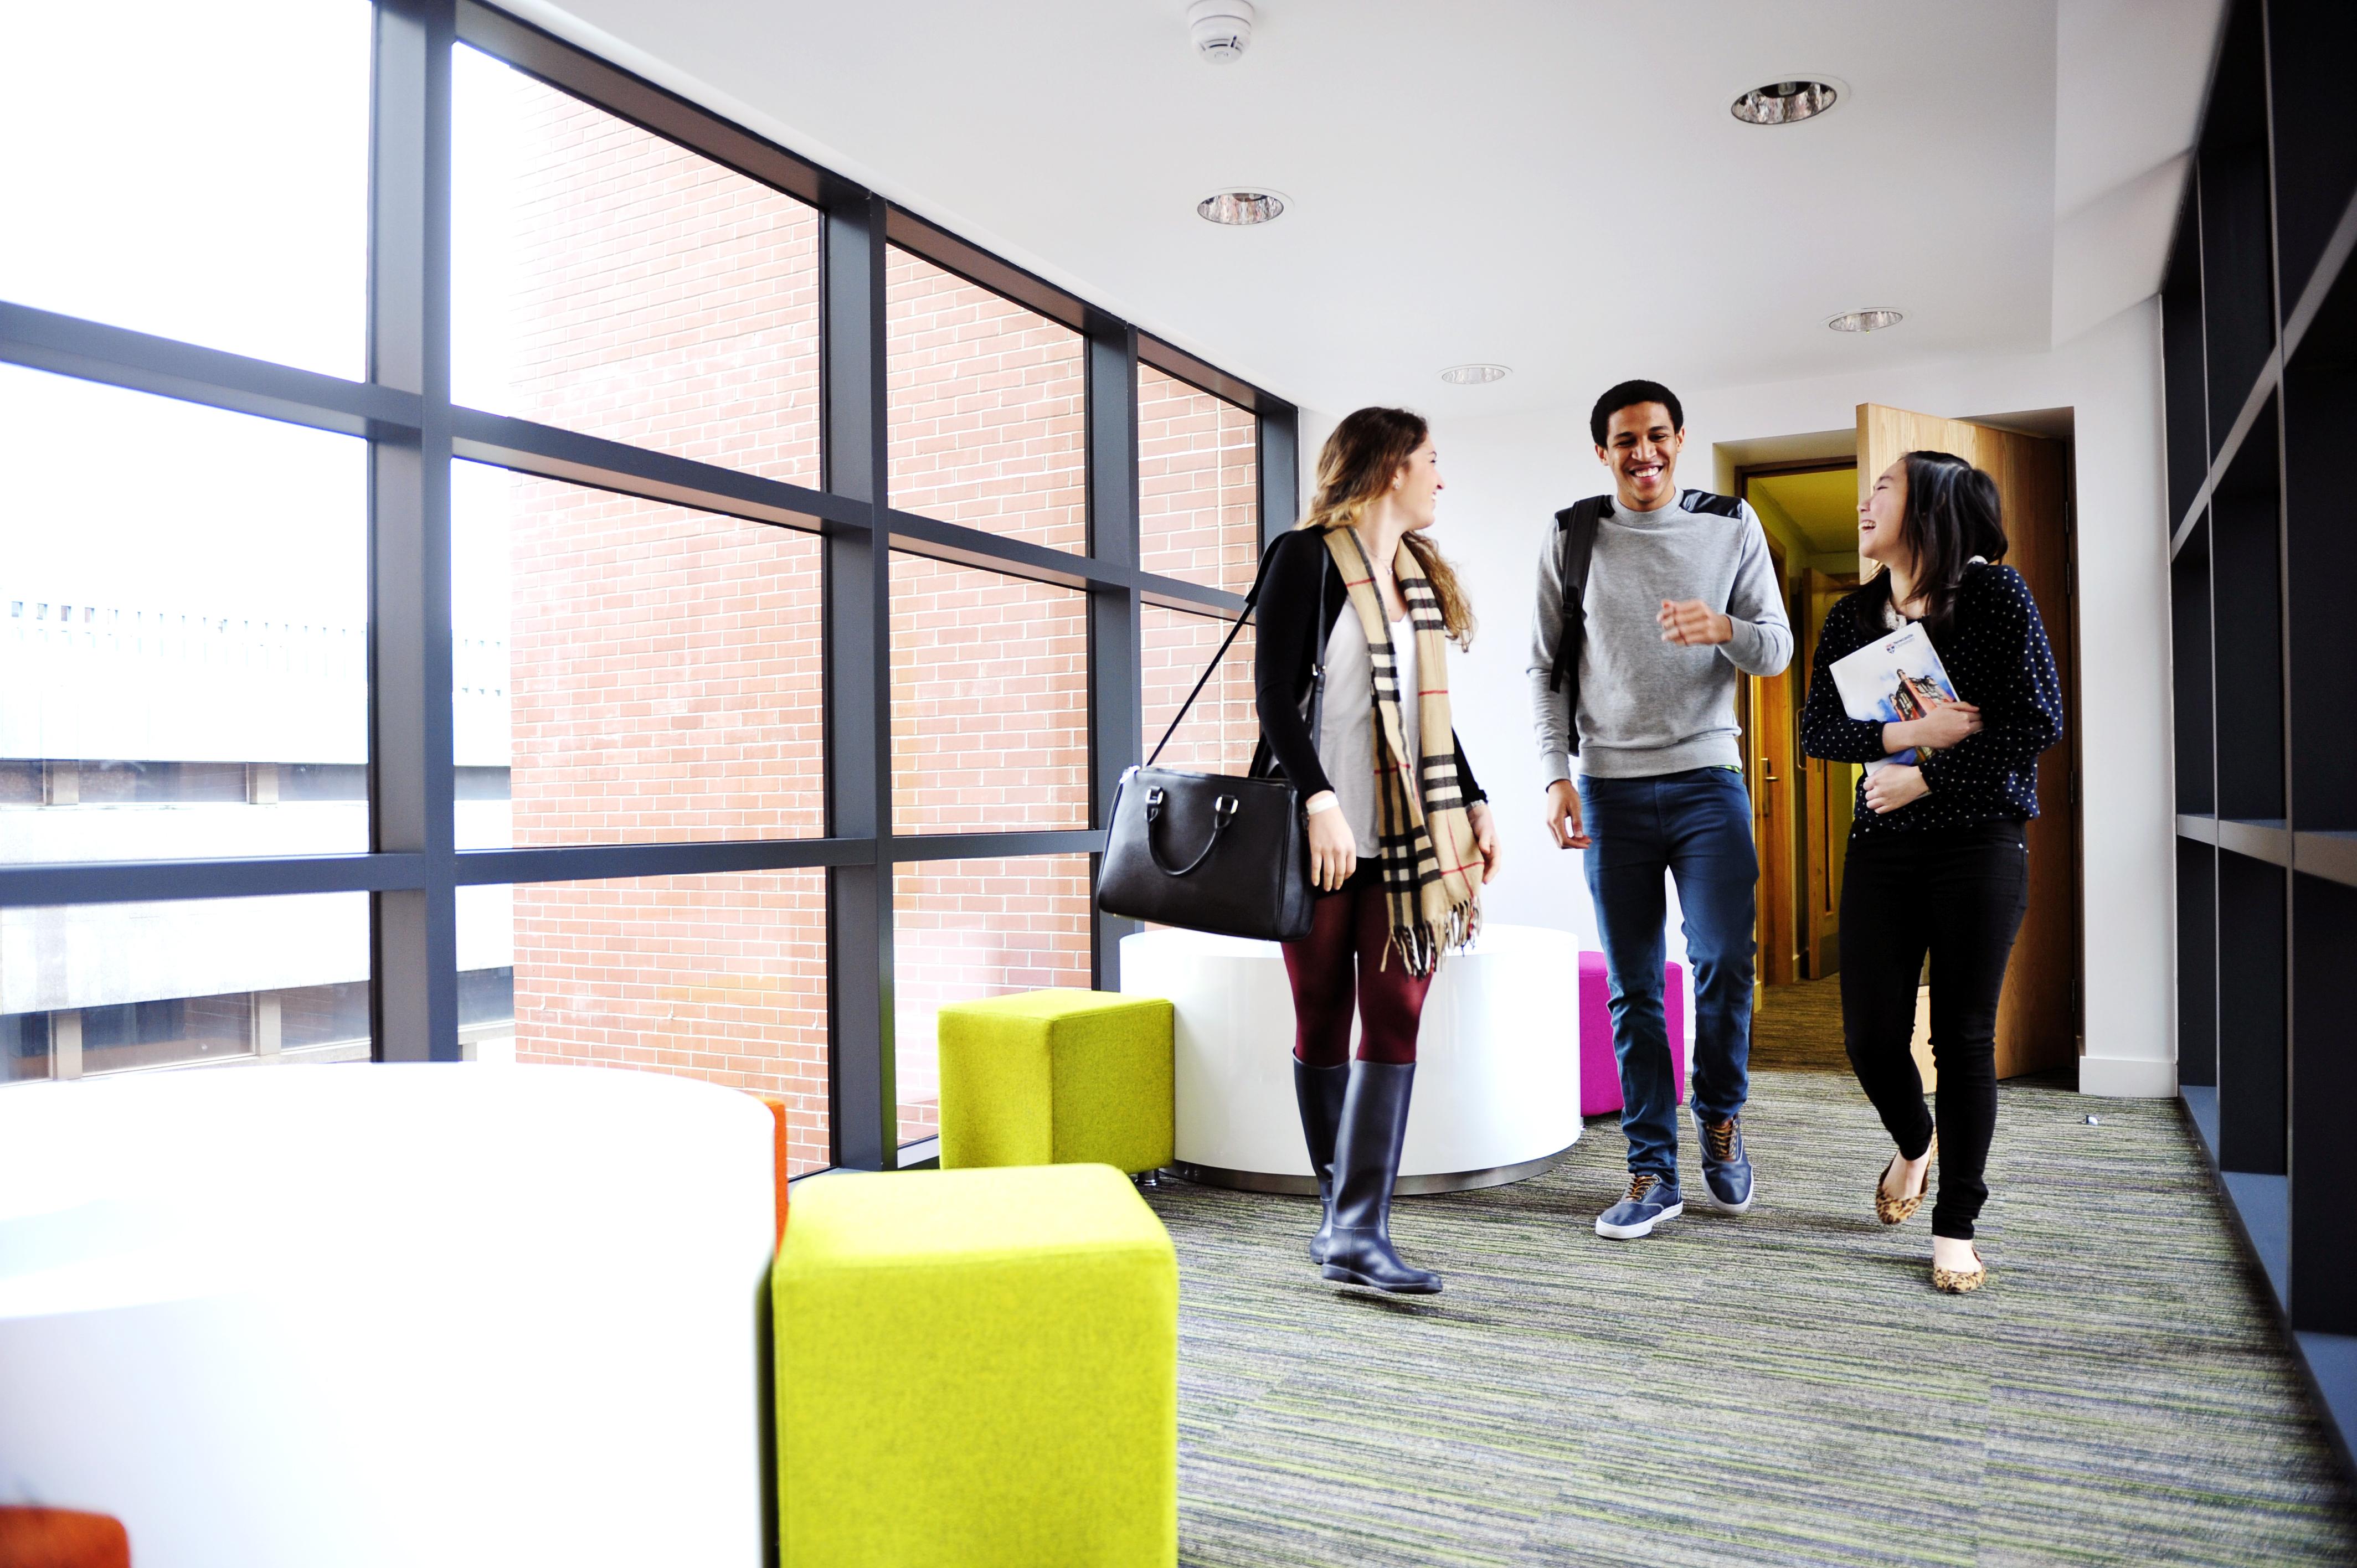 الطلاب الدوليين ضمن مرافق سكن طلاب مركز INTO جامعة نيوكاسل